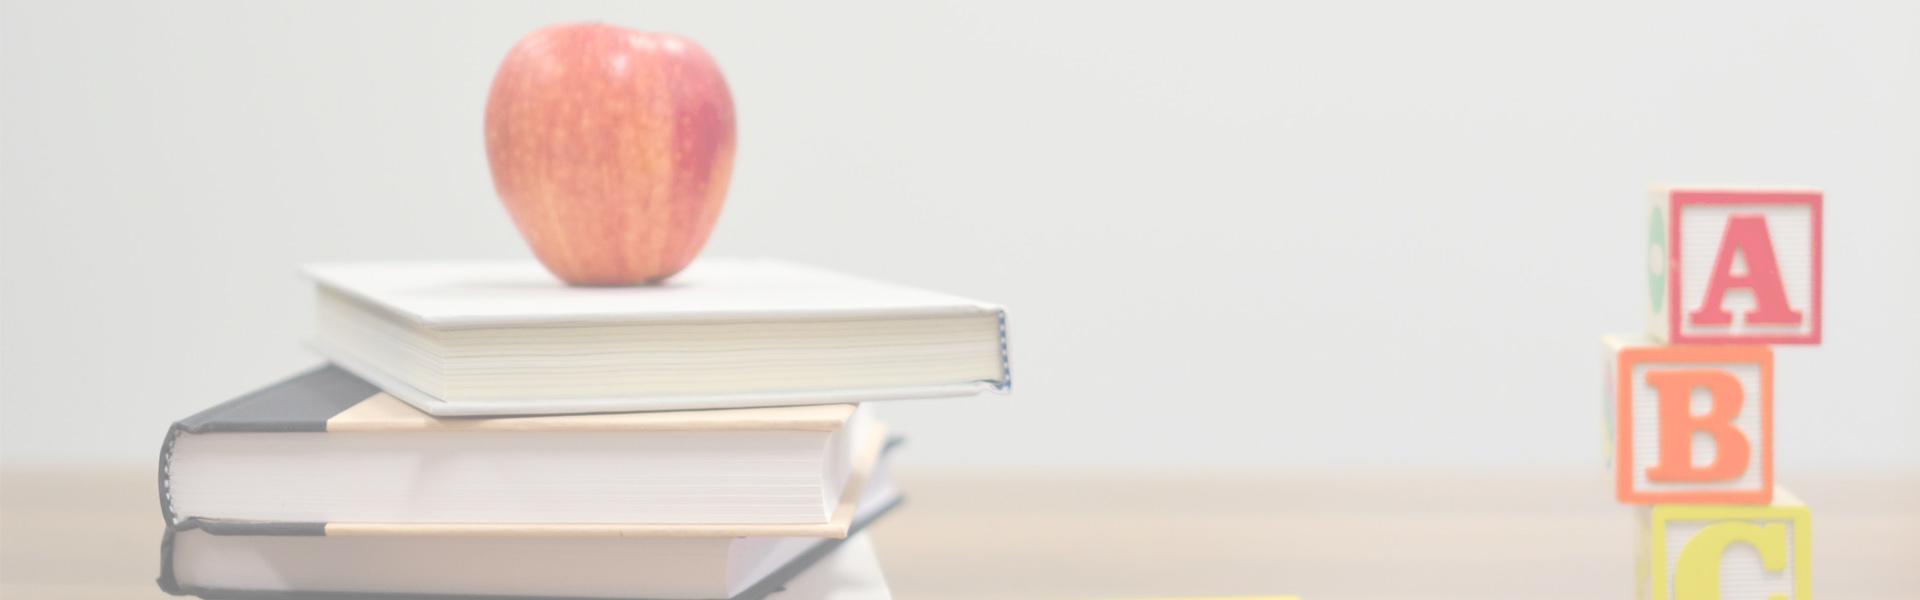 学校法律顾问免费在线咨询